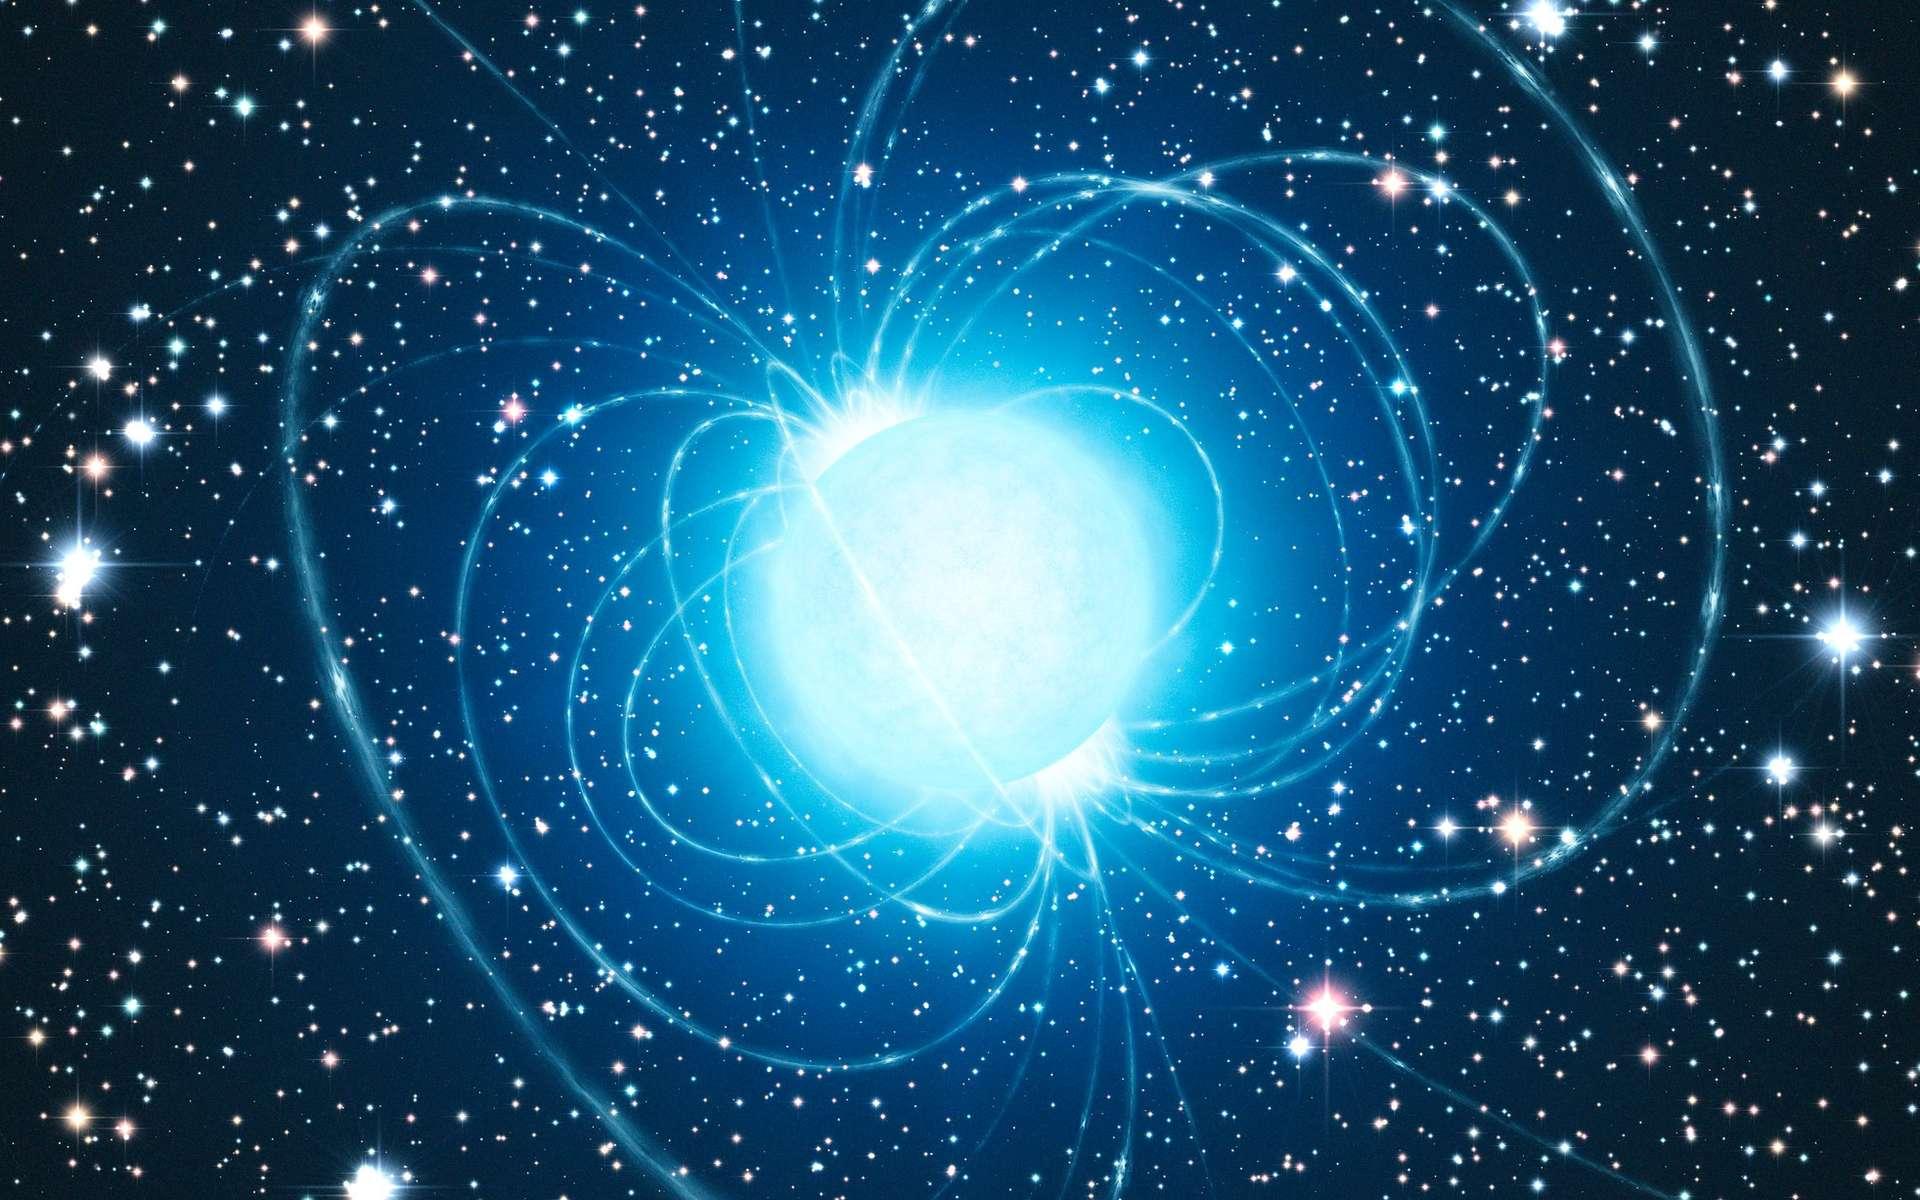 Une image d'artiste montrant les lignes de champs magnétiques d'une étoile à neutrons supposée être RX J1856.5-3754. Cet objet fait partie intégrante d'un ensemble d'étoiles à neutrons baptisé Les Sept Magnifiques. Ce sont des étoiles à neutrons isolées (INS), dépourvues de tout compagnon stellaire, qui n'émettent aucun rayonnement radio (à la différence des pulsars) et ne sont pas environnées de matière issue d'une supernova. © ESO, L. Calçada